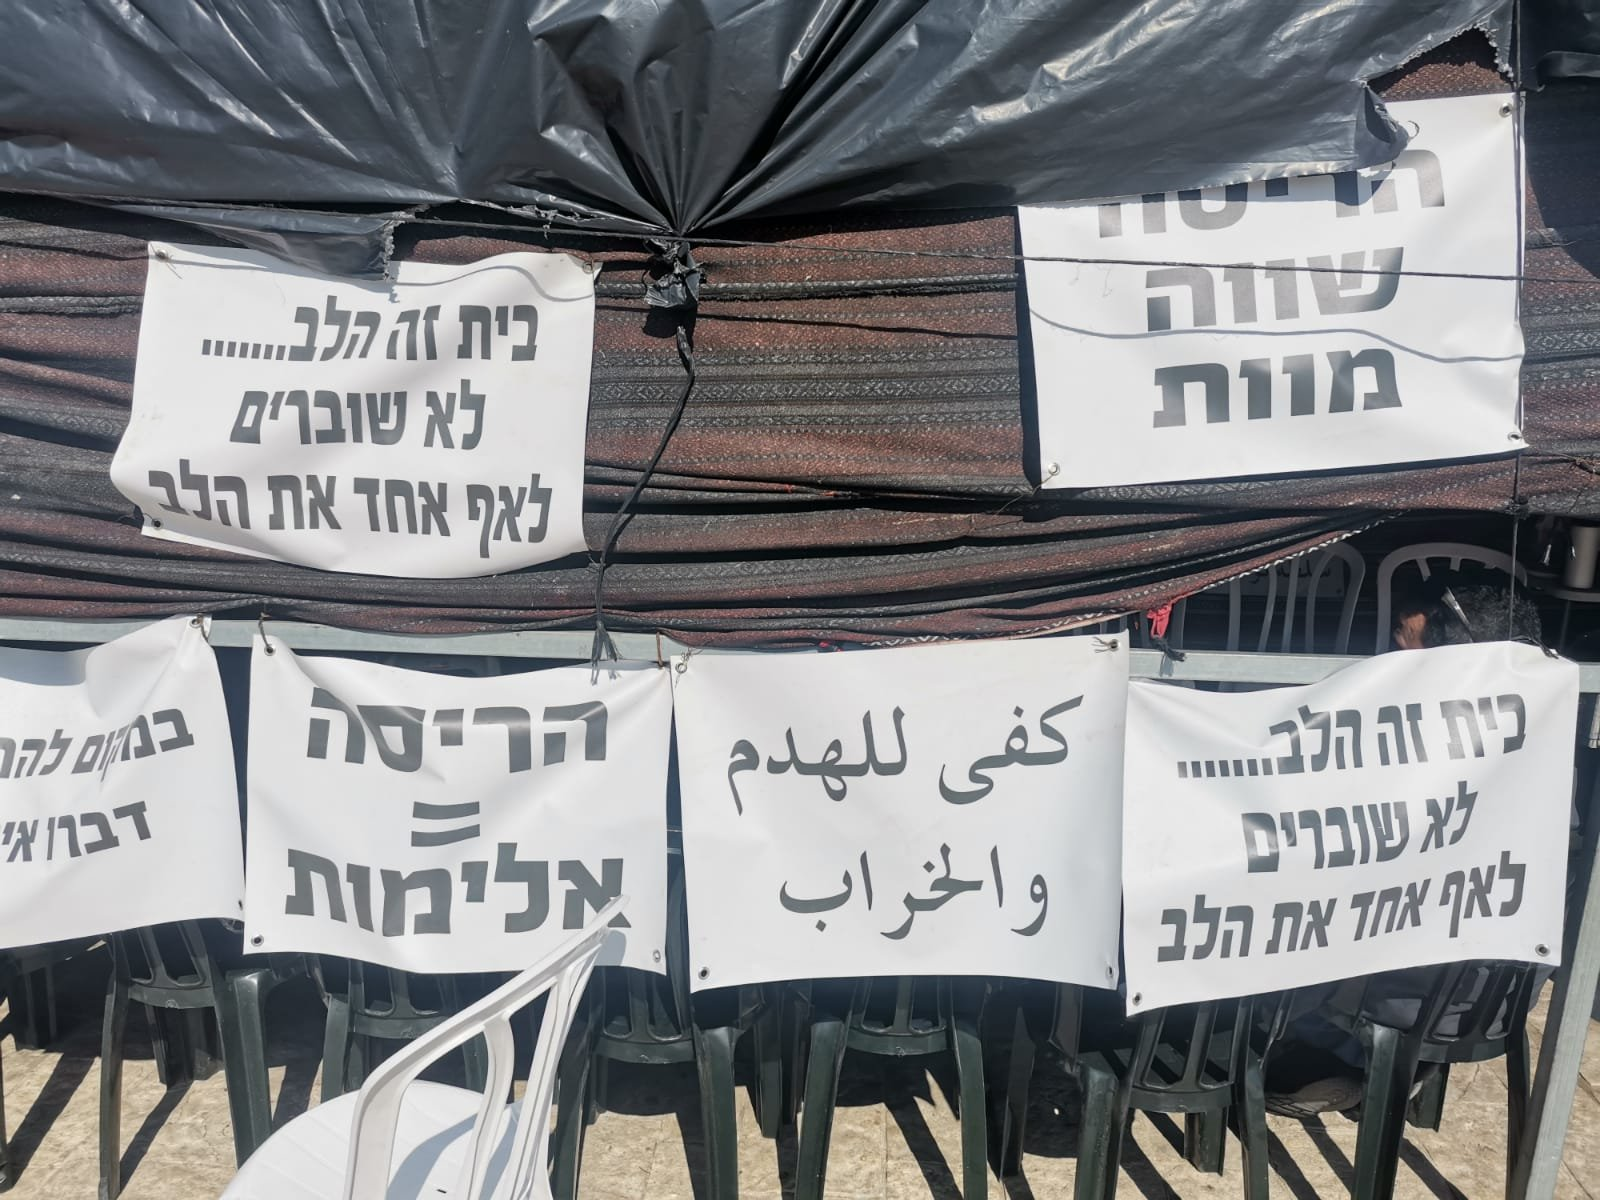 سلامة الأطرش: نتنياهو زار النقب ولم يجد الوقت ليجتمع برؤساء السلطات المحلية المعتصمين أمام مكتبه